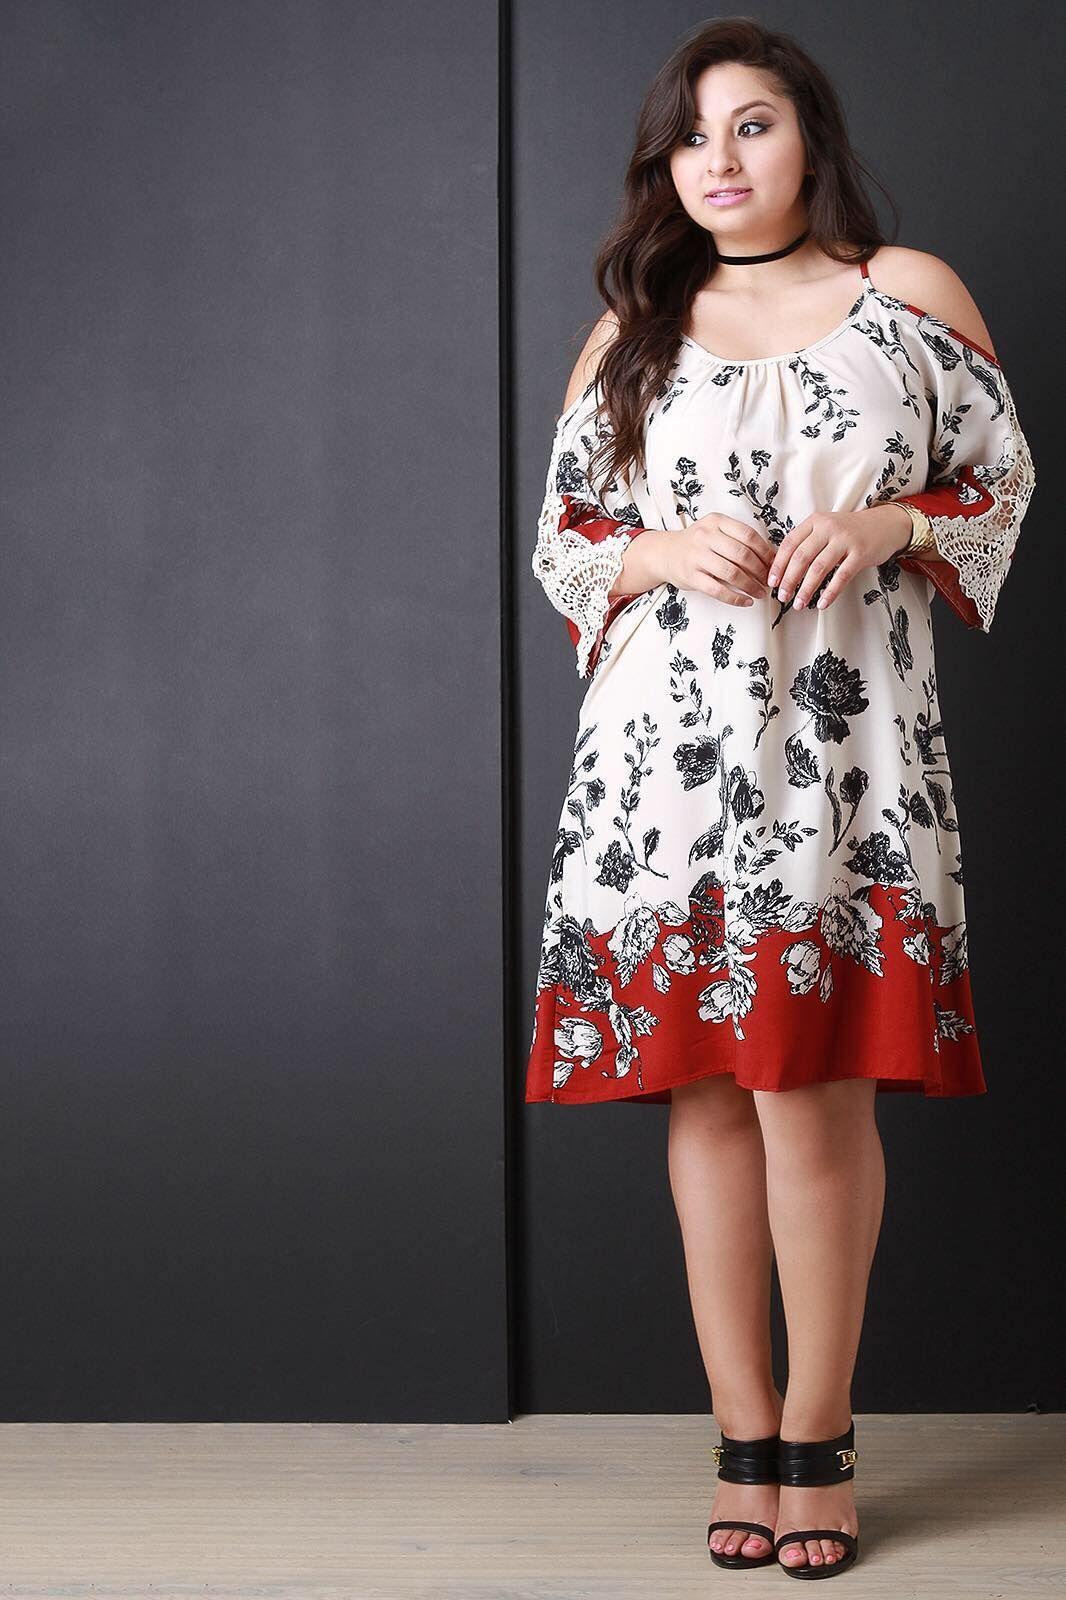 Plus Size Dresses for sale - Plus Size Maxi Dress online brands ... 95e0721b8c8d